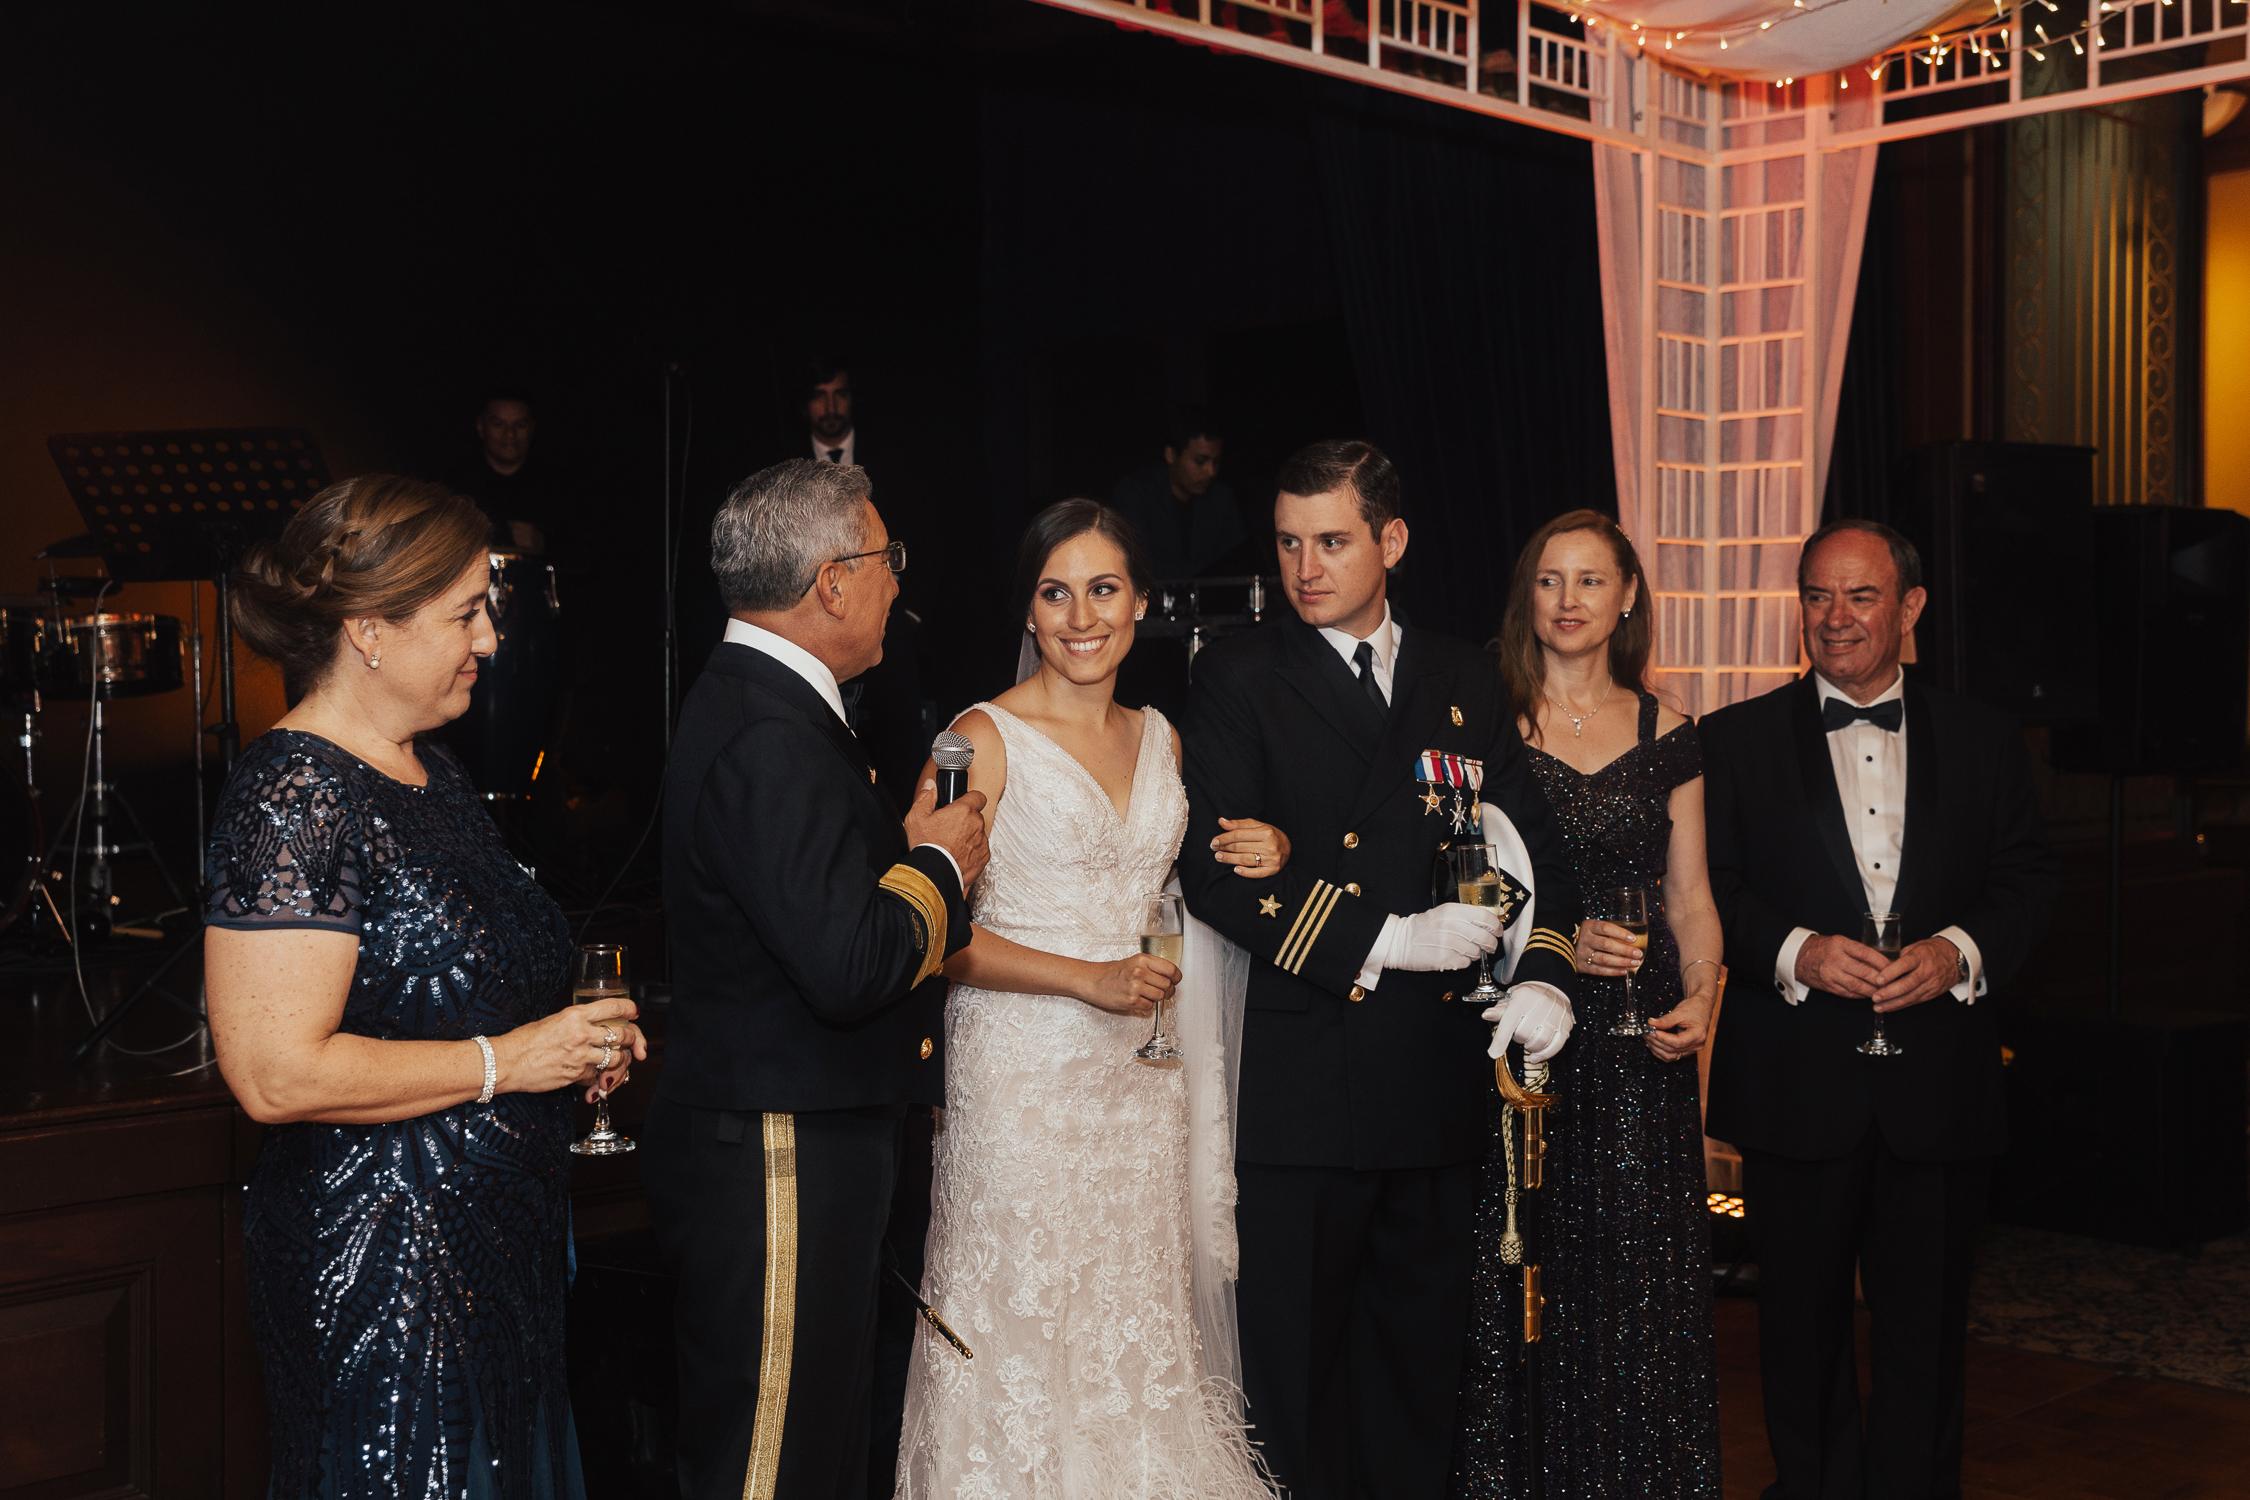 Michelle-Agurto-Fotografia-Bodas-Ecuador-Destination-Wedding-Photographer-Ecuador-Mercedes-Alvaro-148.JPG